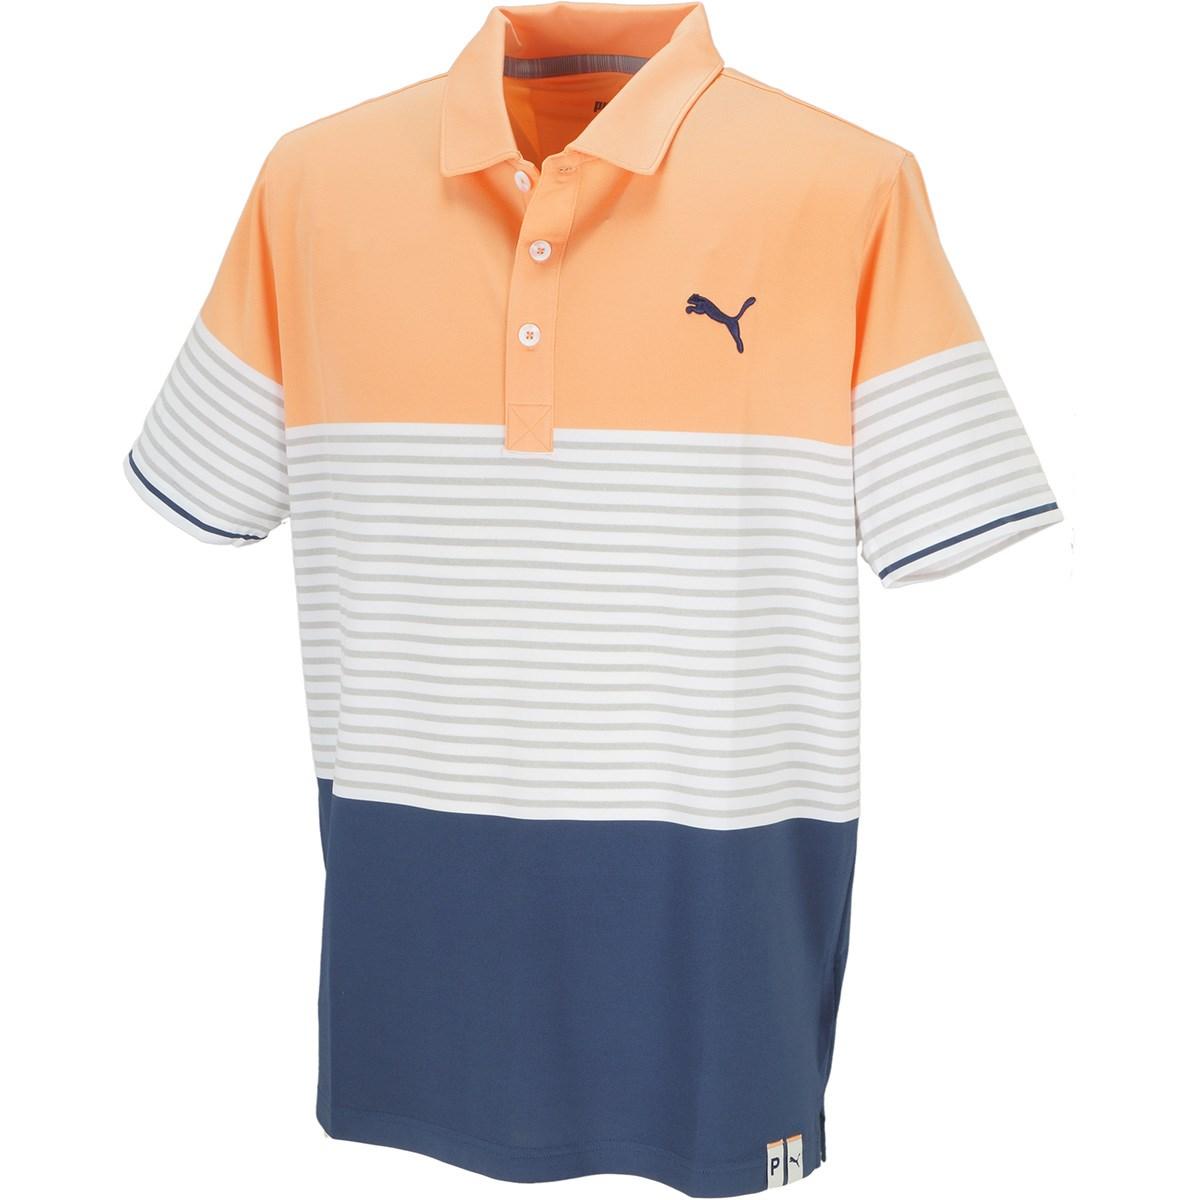 プーマ(PUMA) テーラー 半袖ポロシャツ